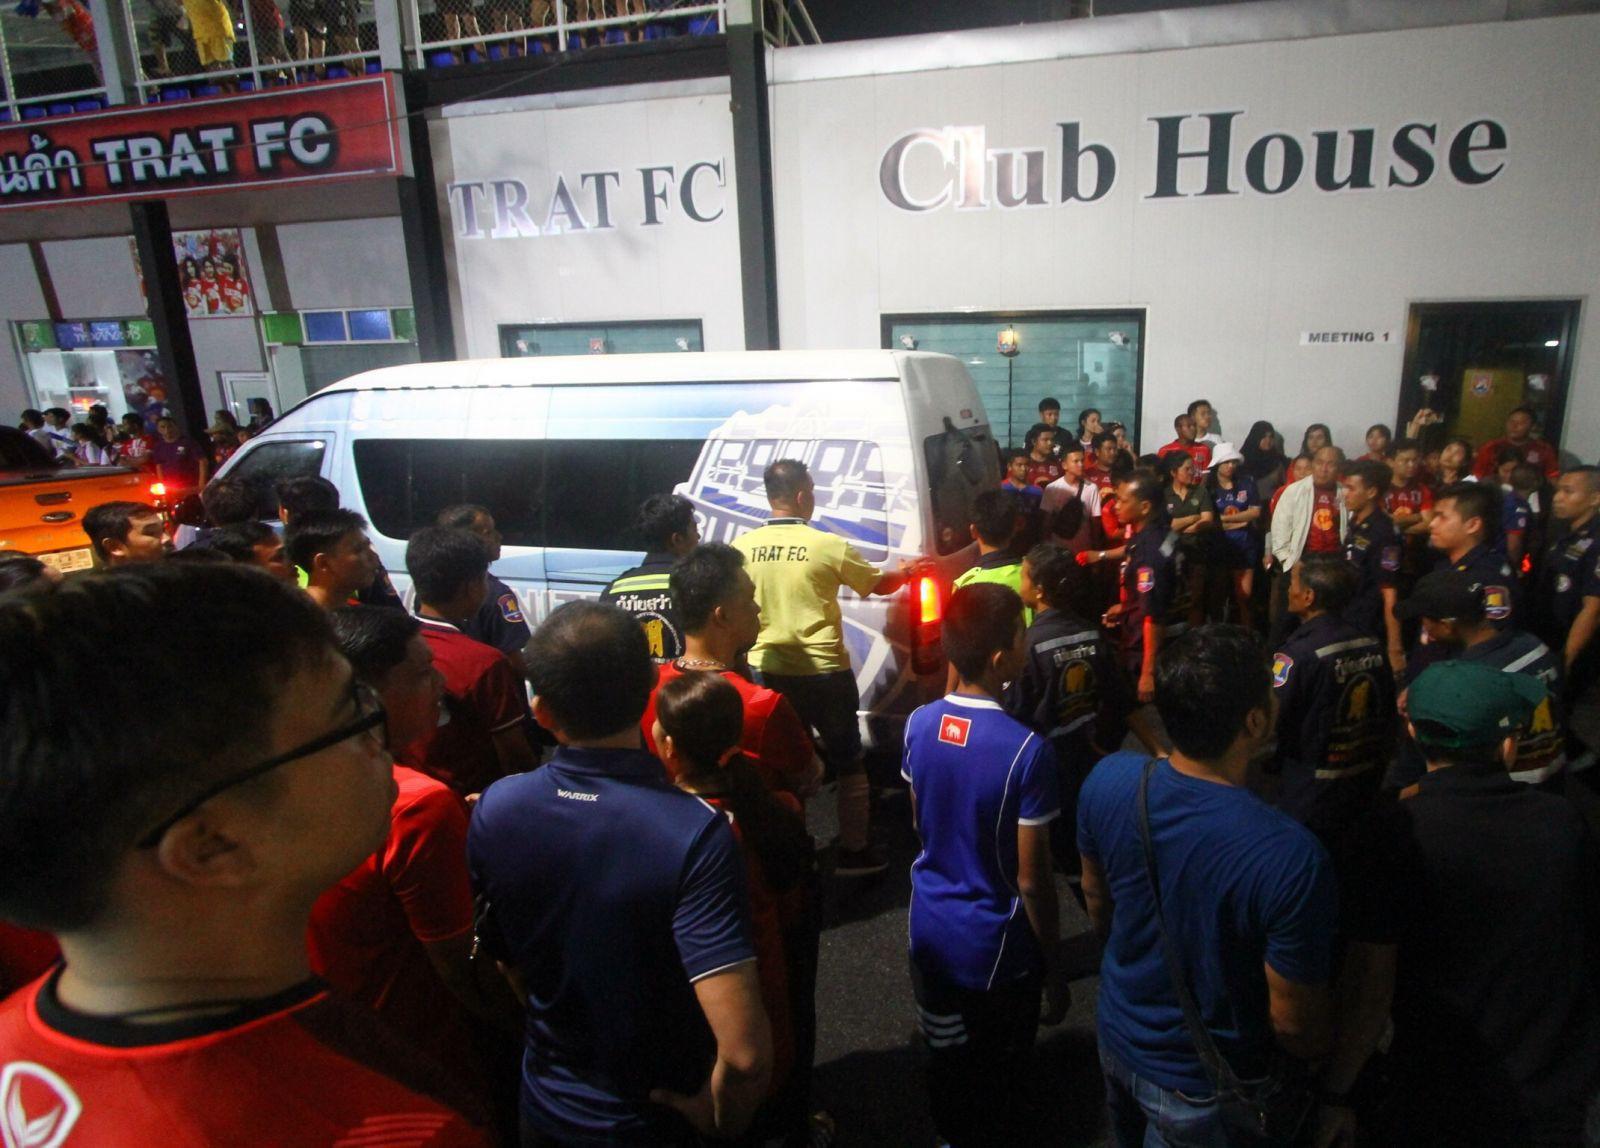 Bóng đá Thái Lan có biến lớn, xảy ra scandal từng là nỗi hổ thẹn của V.League - Ảnh 6.